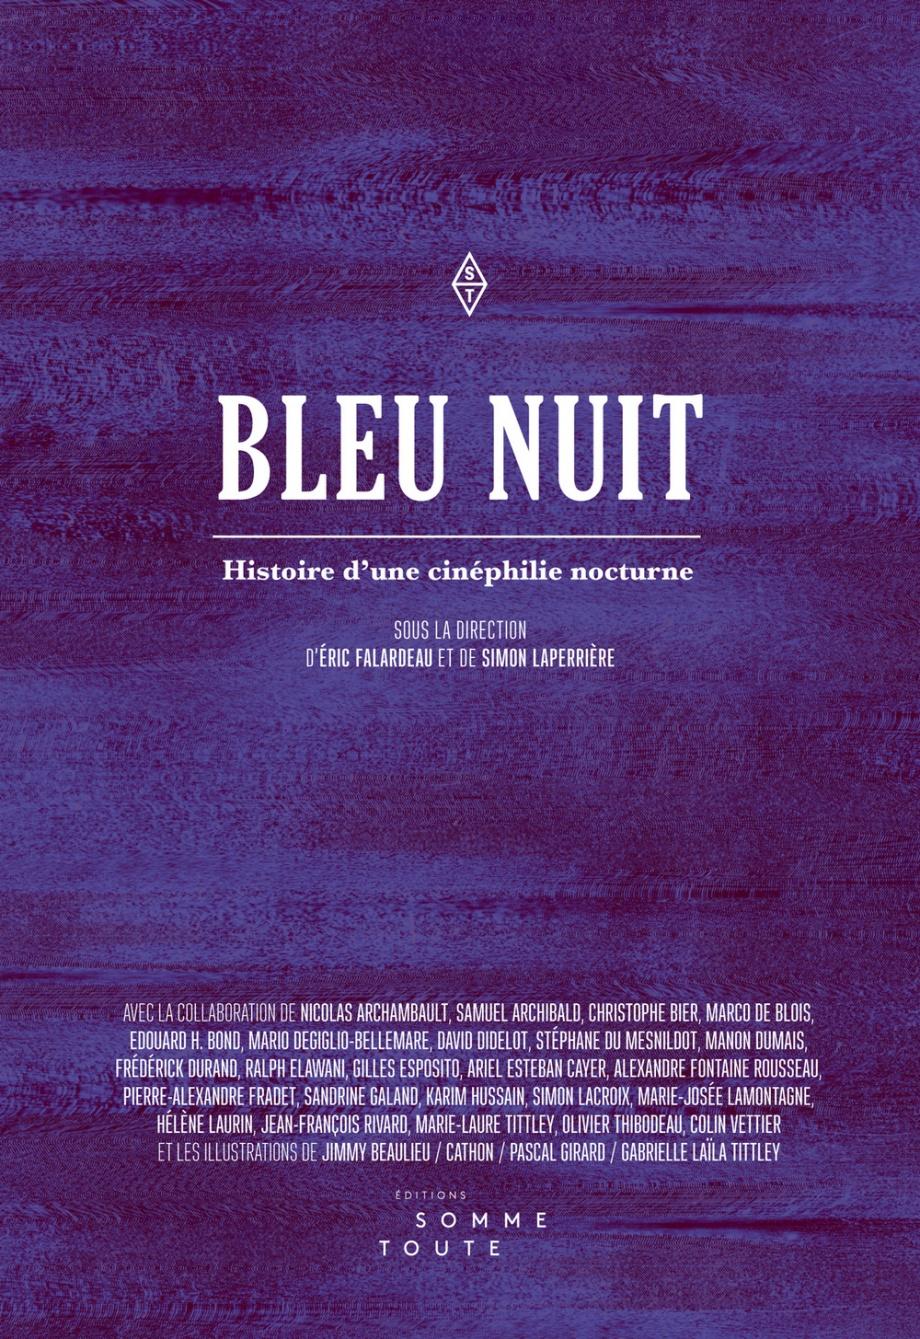 Bleu nuit. Histoire d'une cinéphilie nocturne